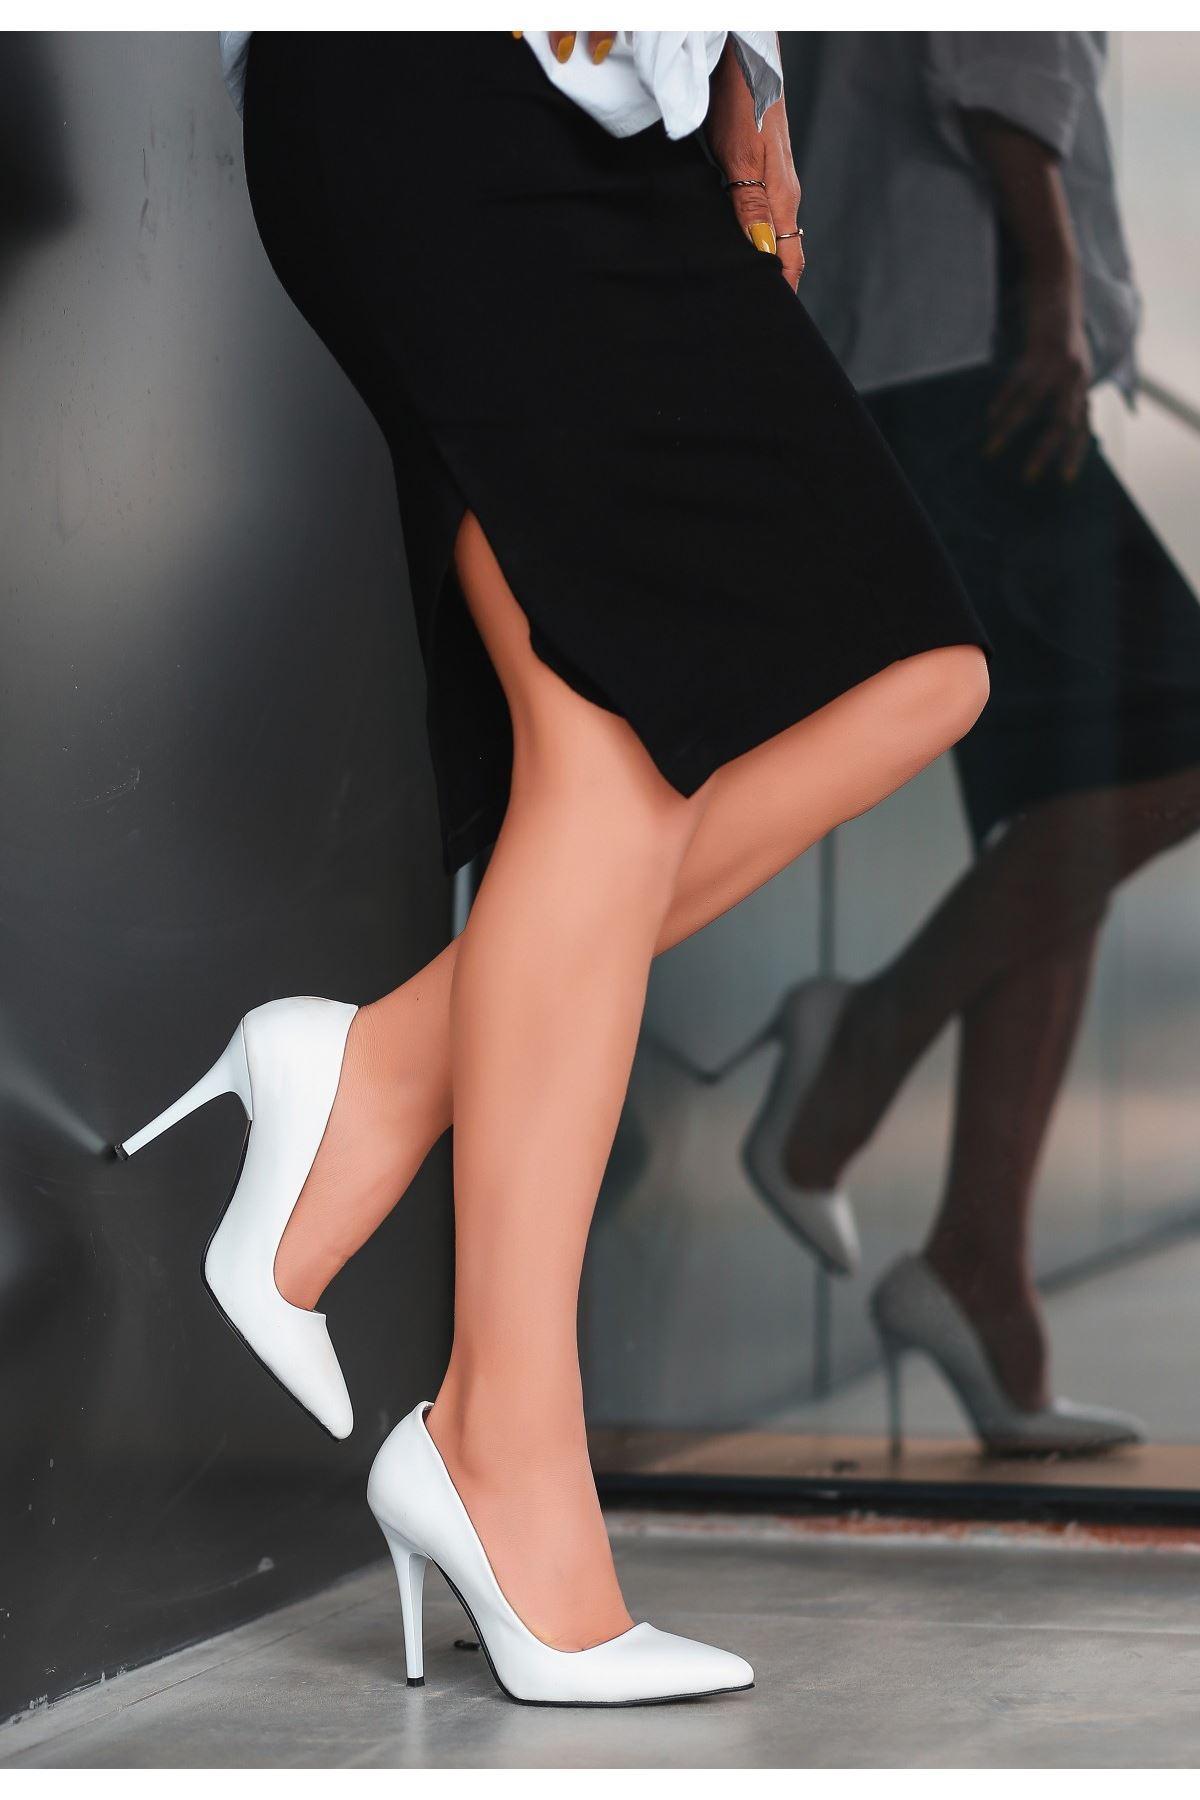 Reme Beyaz Cilt Stiletto Ayakkabı